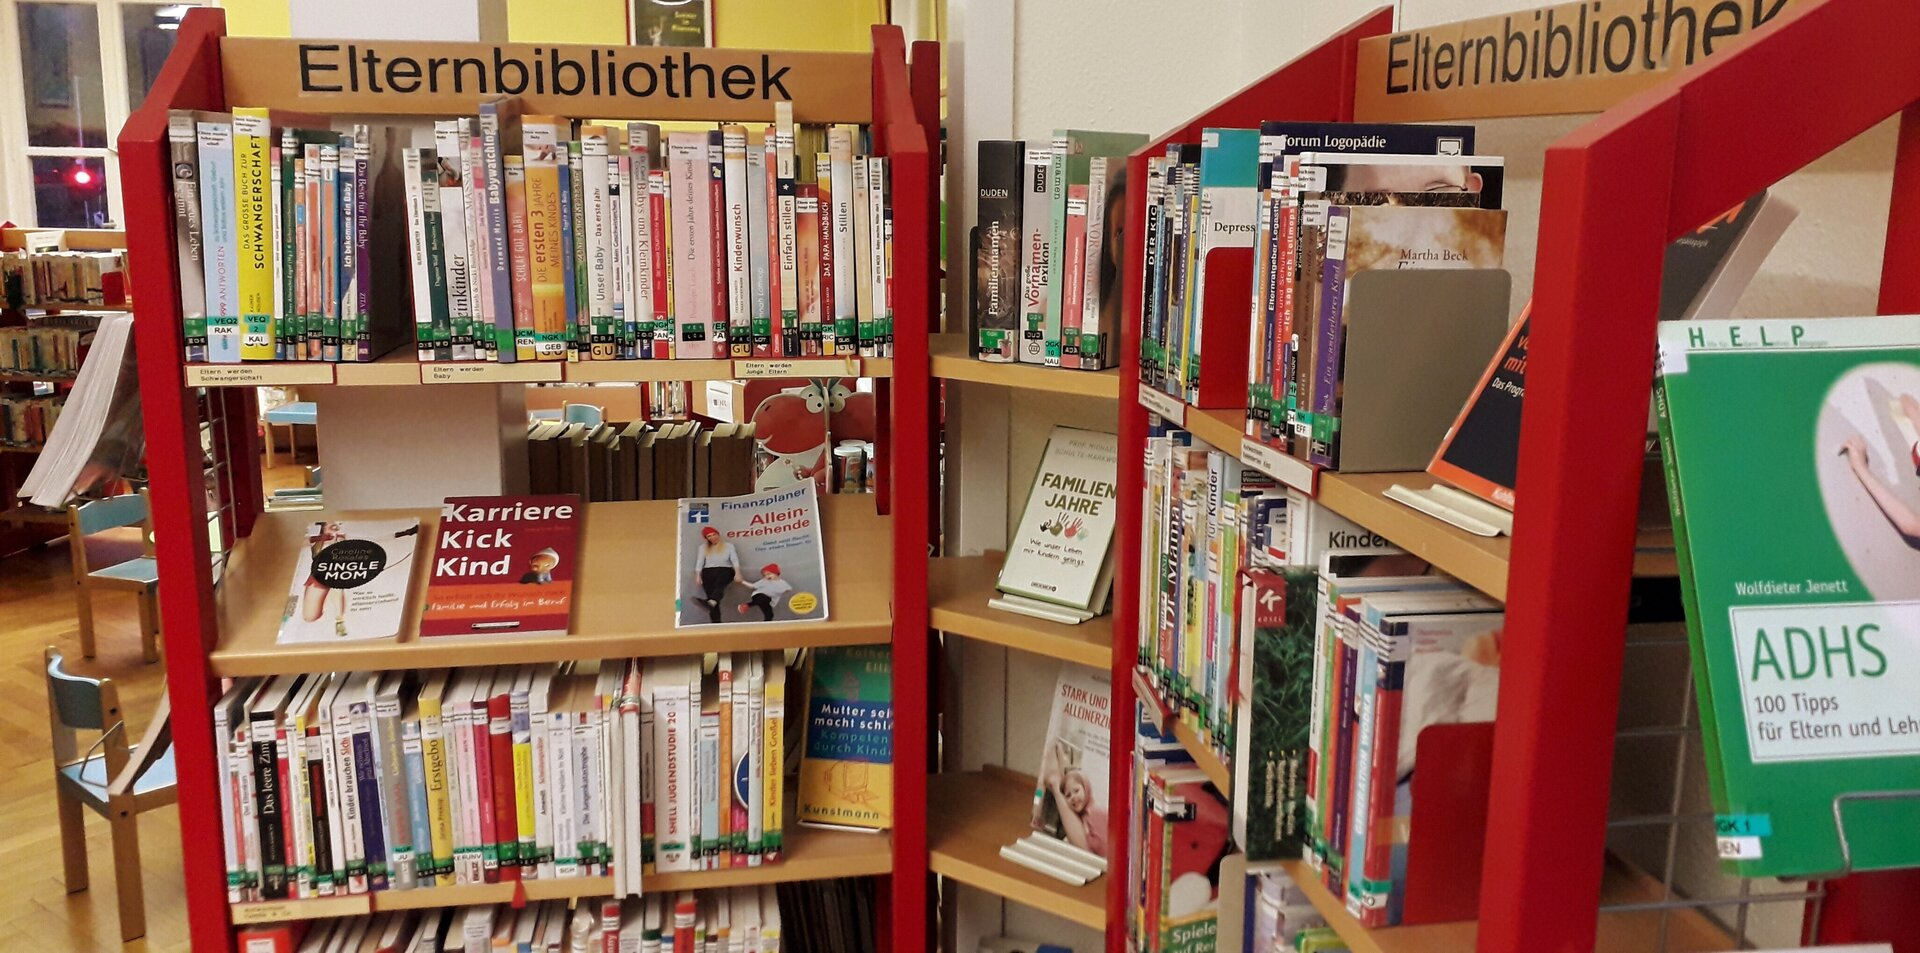 Elternbibliothek